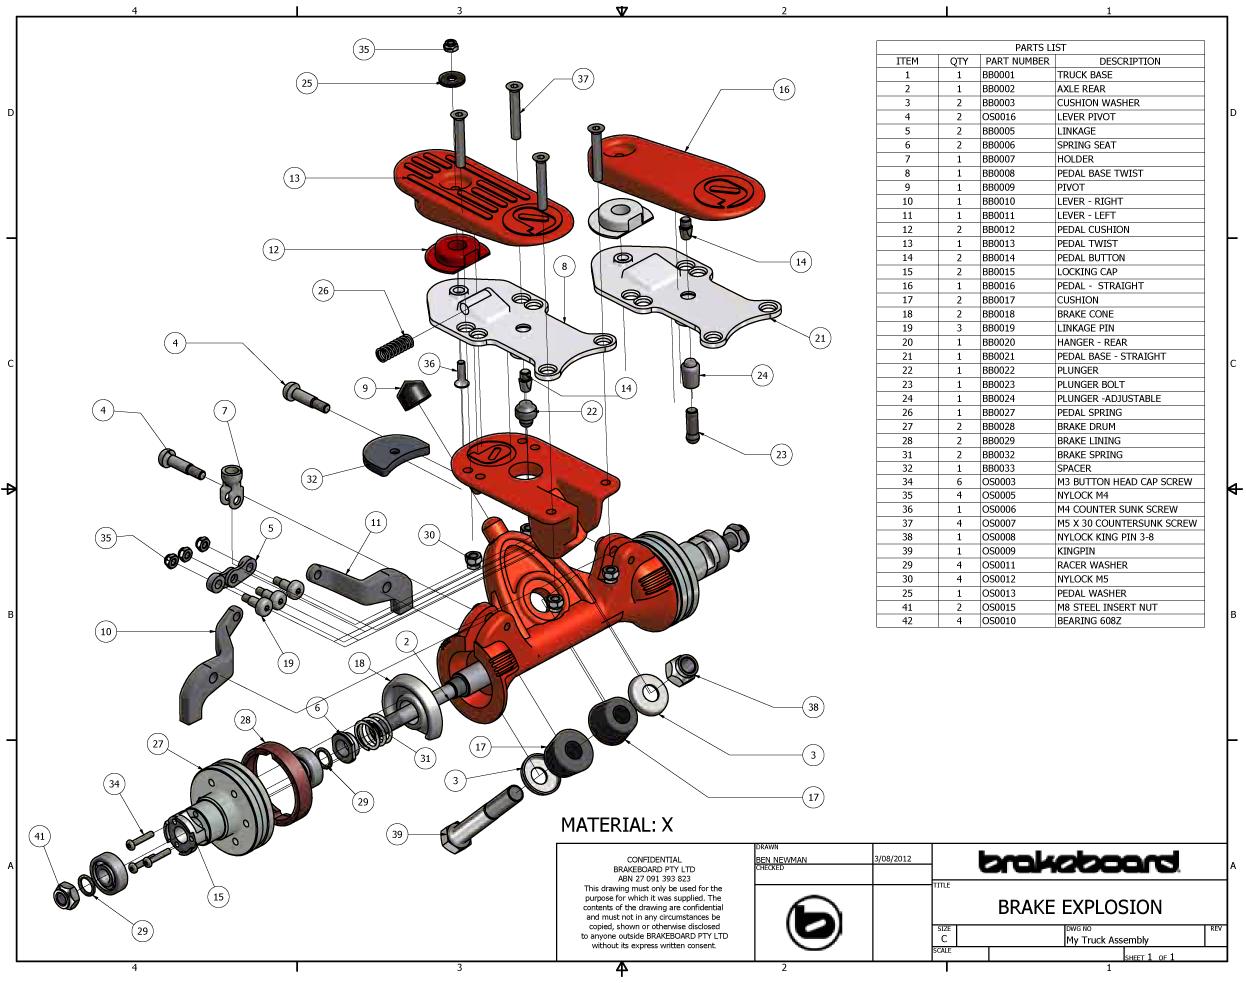 longboard-brake-bremse-achse-explosions-zeichnung